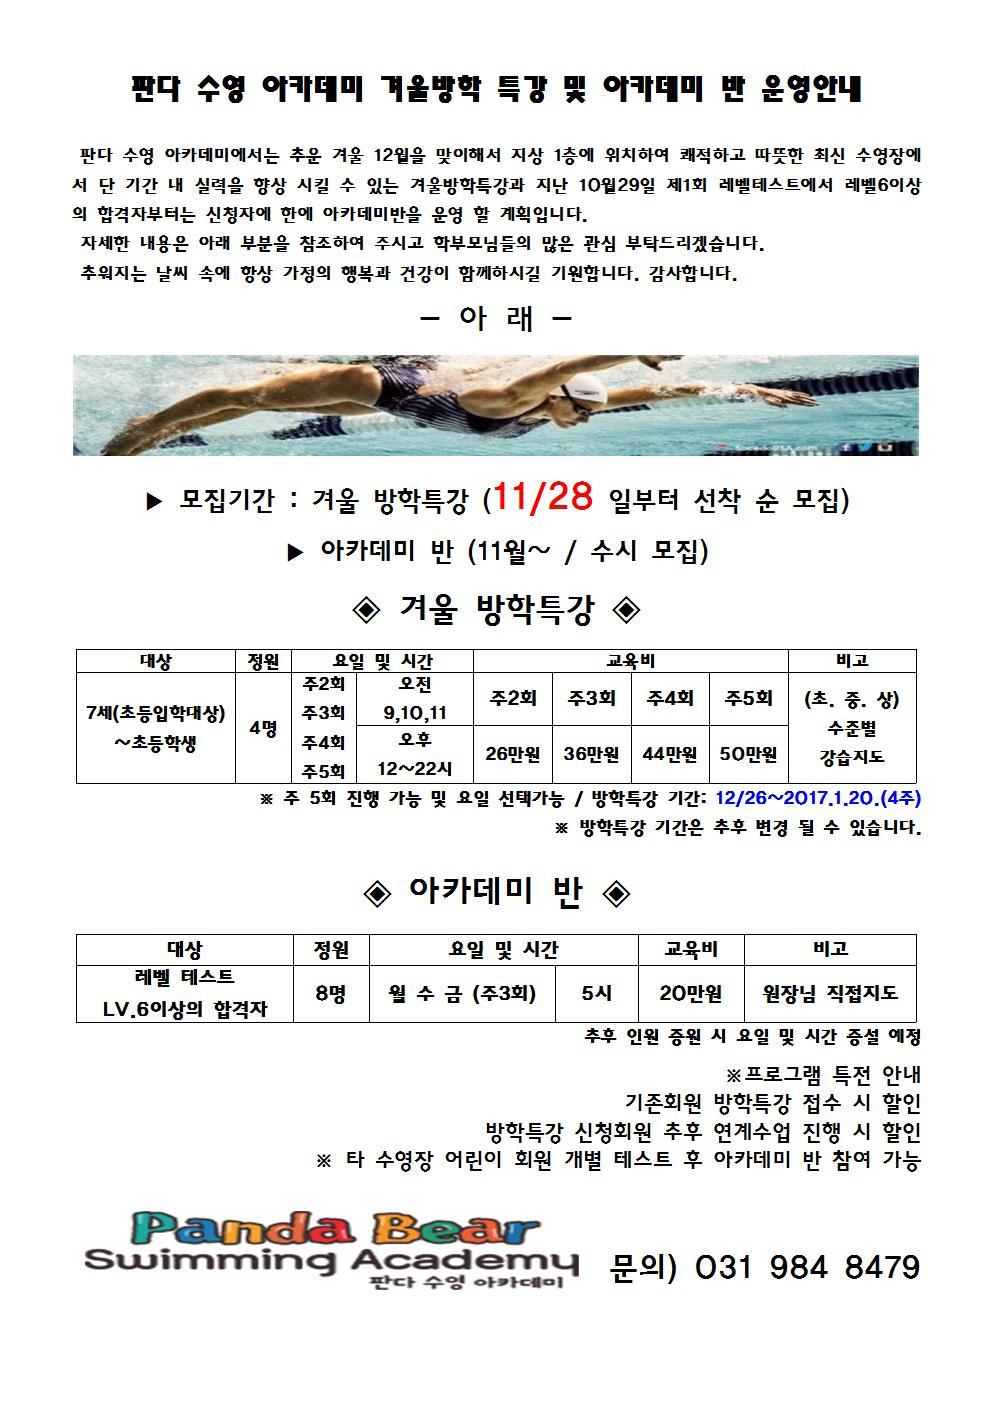 판다 수영 아카데미 겨울방학 특강 및 아카데미 반 운영안내001.jpg